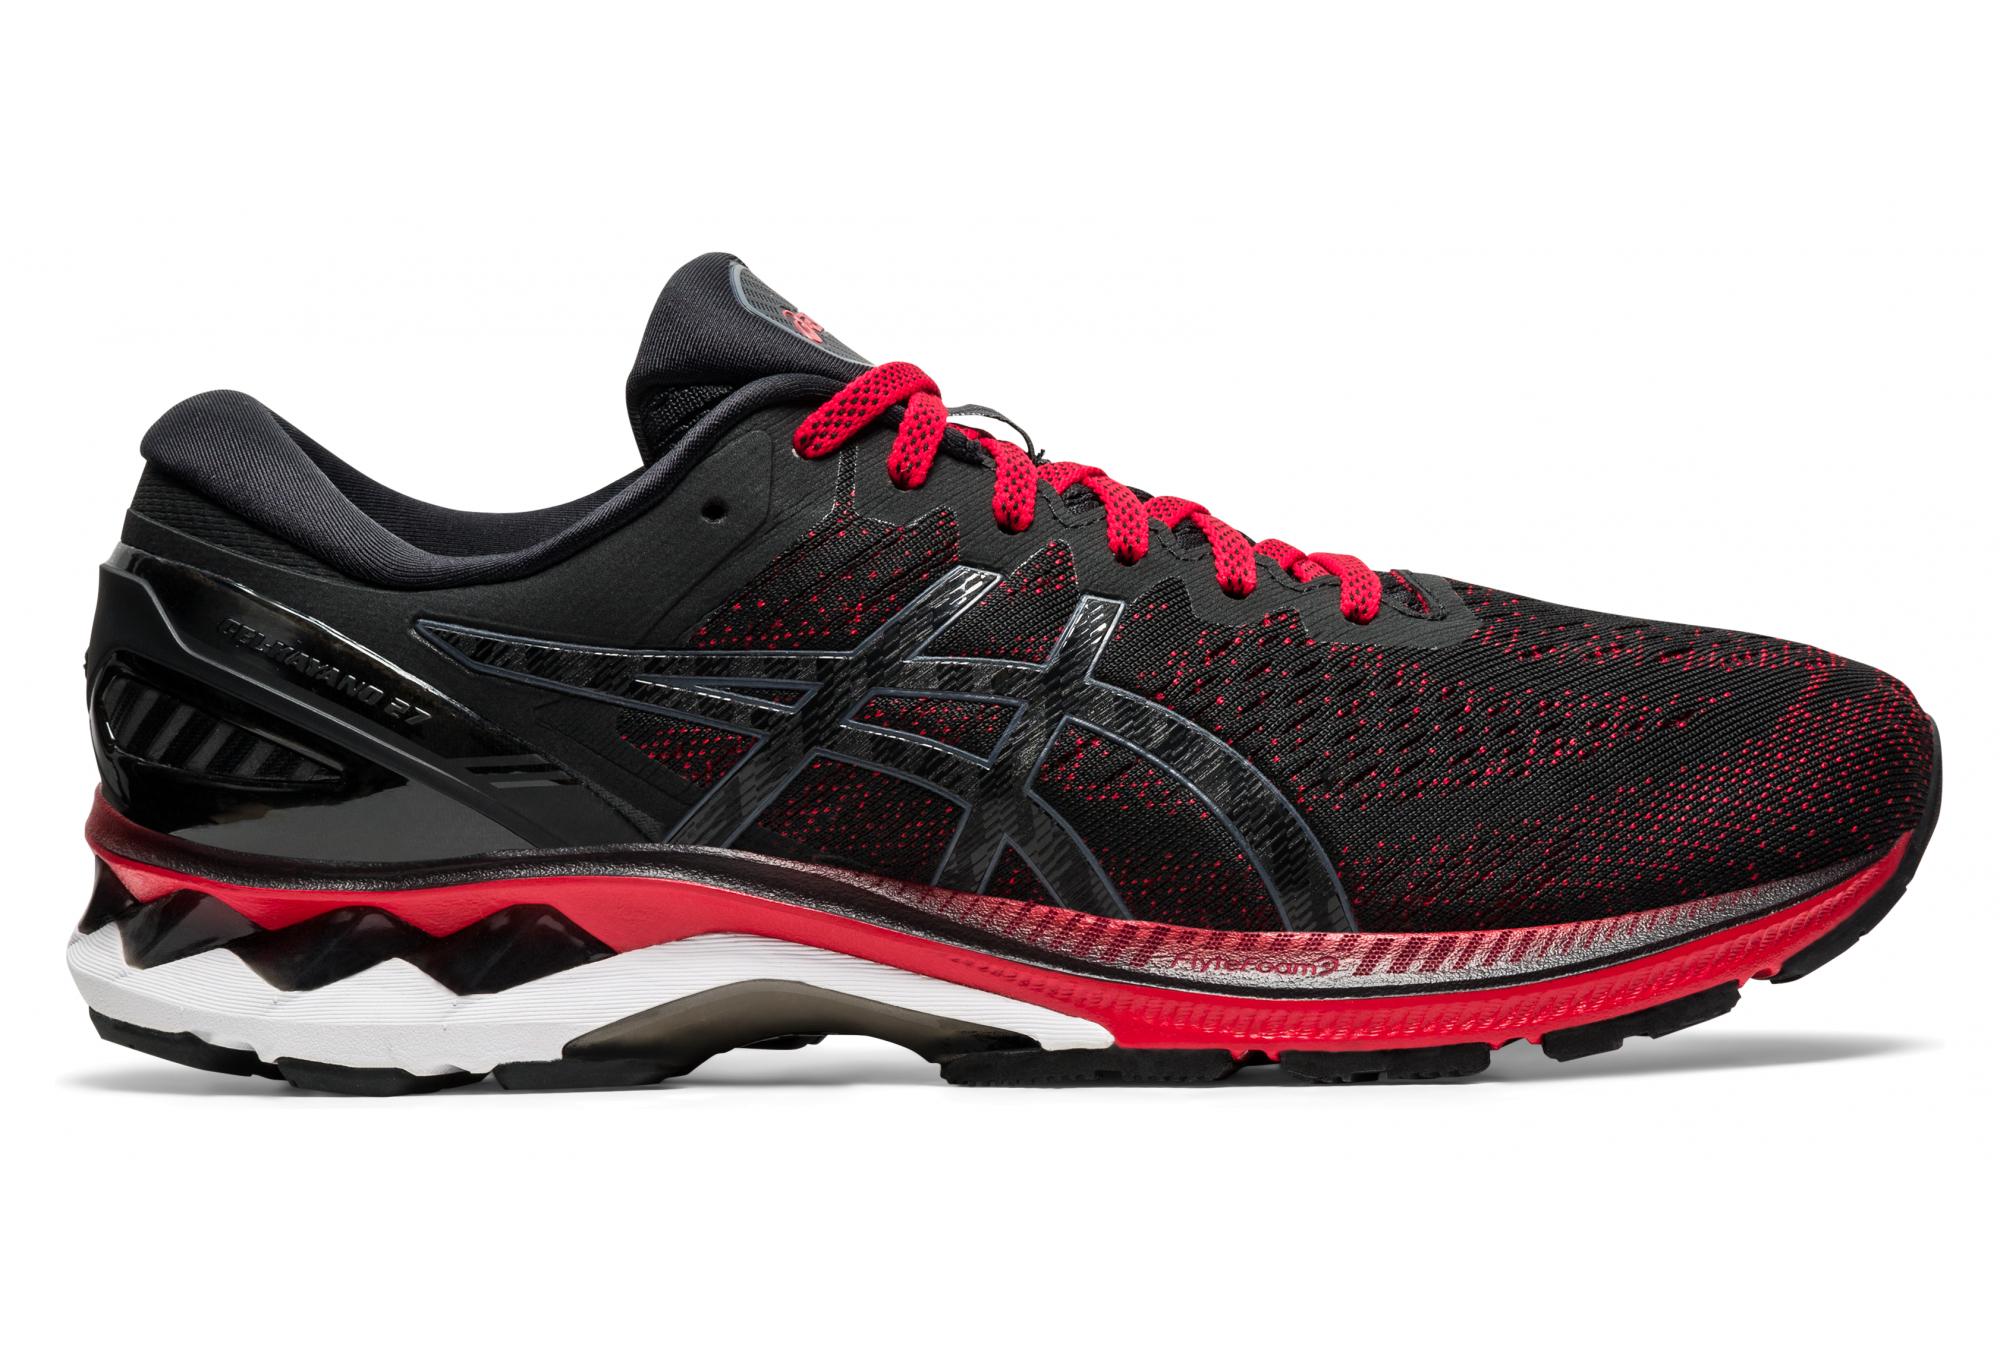 Chaussures de Running Asics Gel Kayano 27 Noir / Rouge   Alltricks.fr